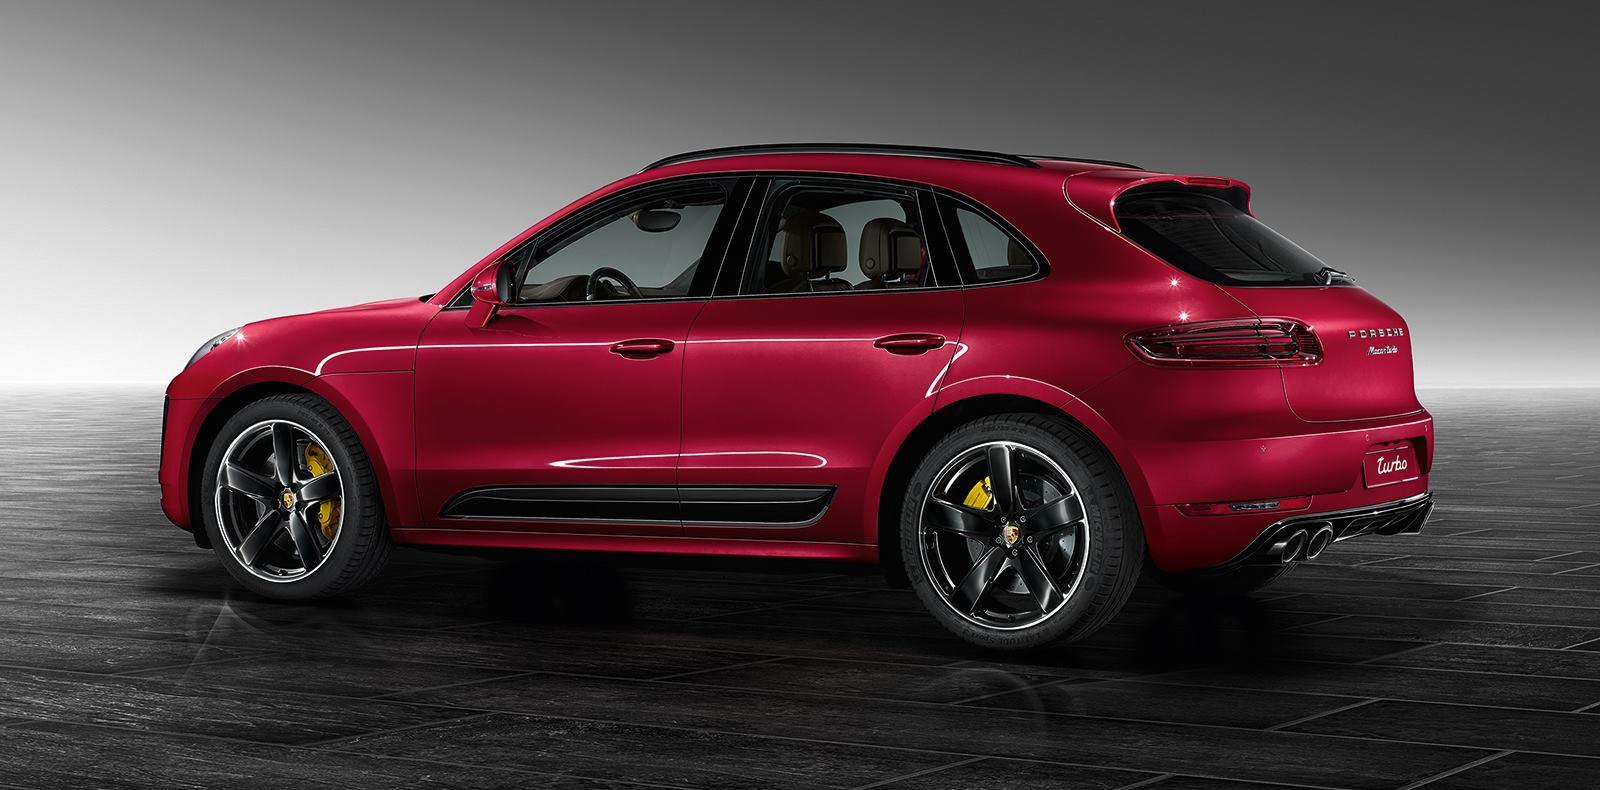 Porsche Macan Turbo Painted in Impulse Red Metallic Is Eye ...